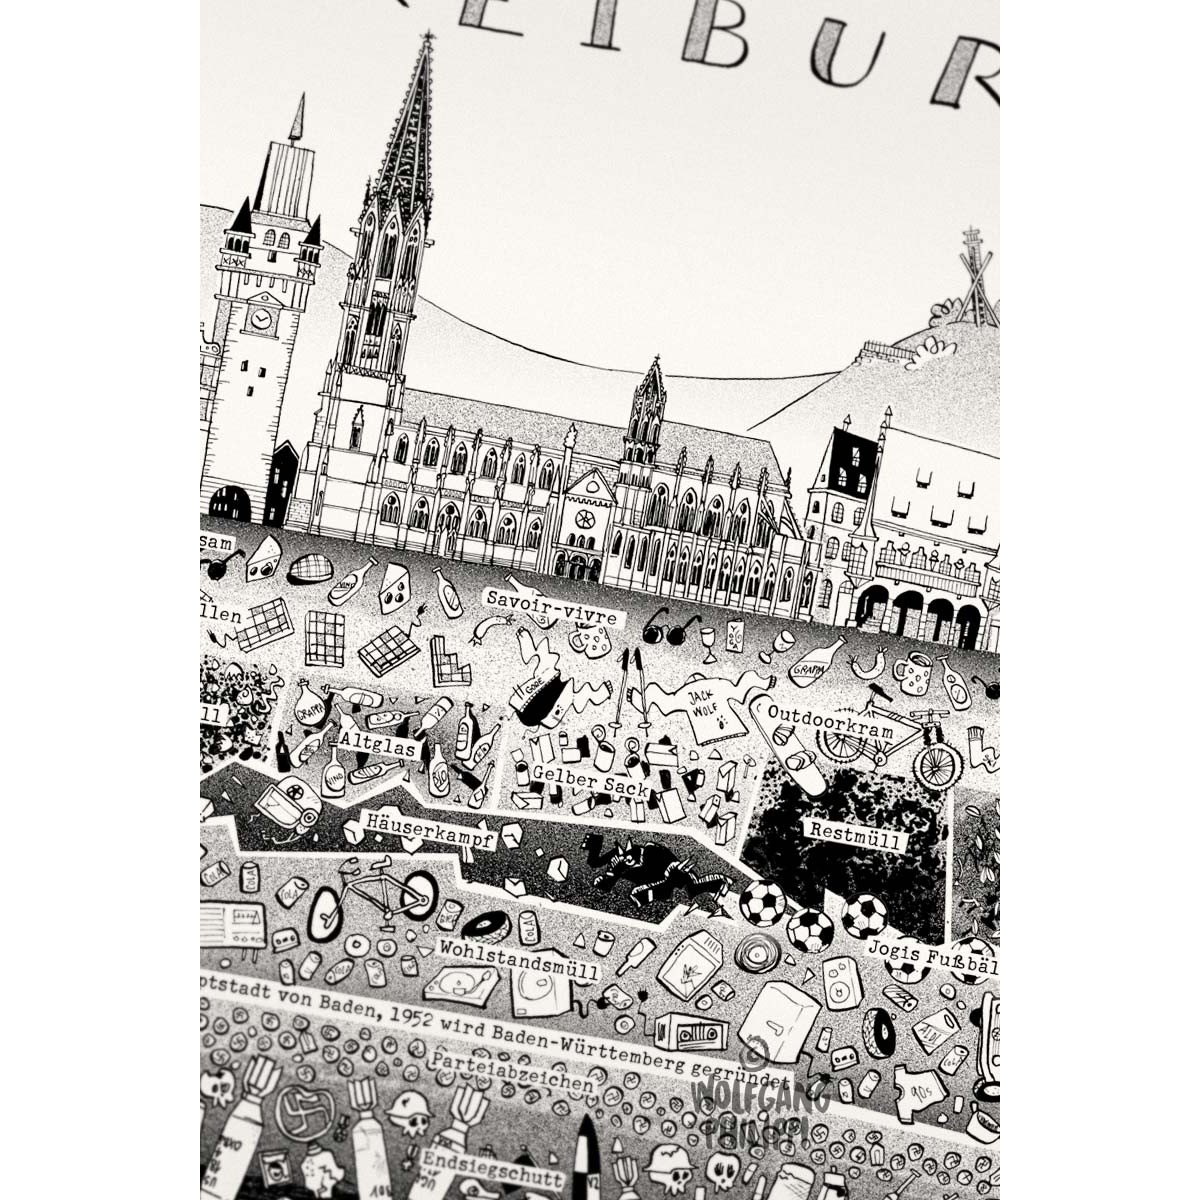 Freibug Plakat